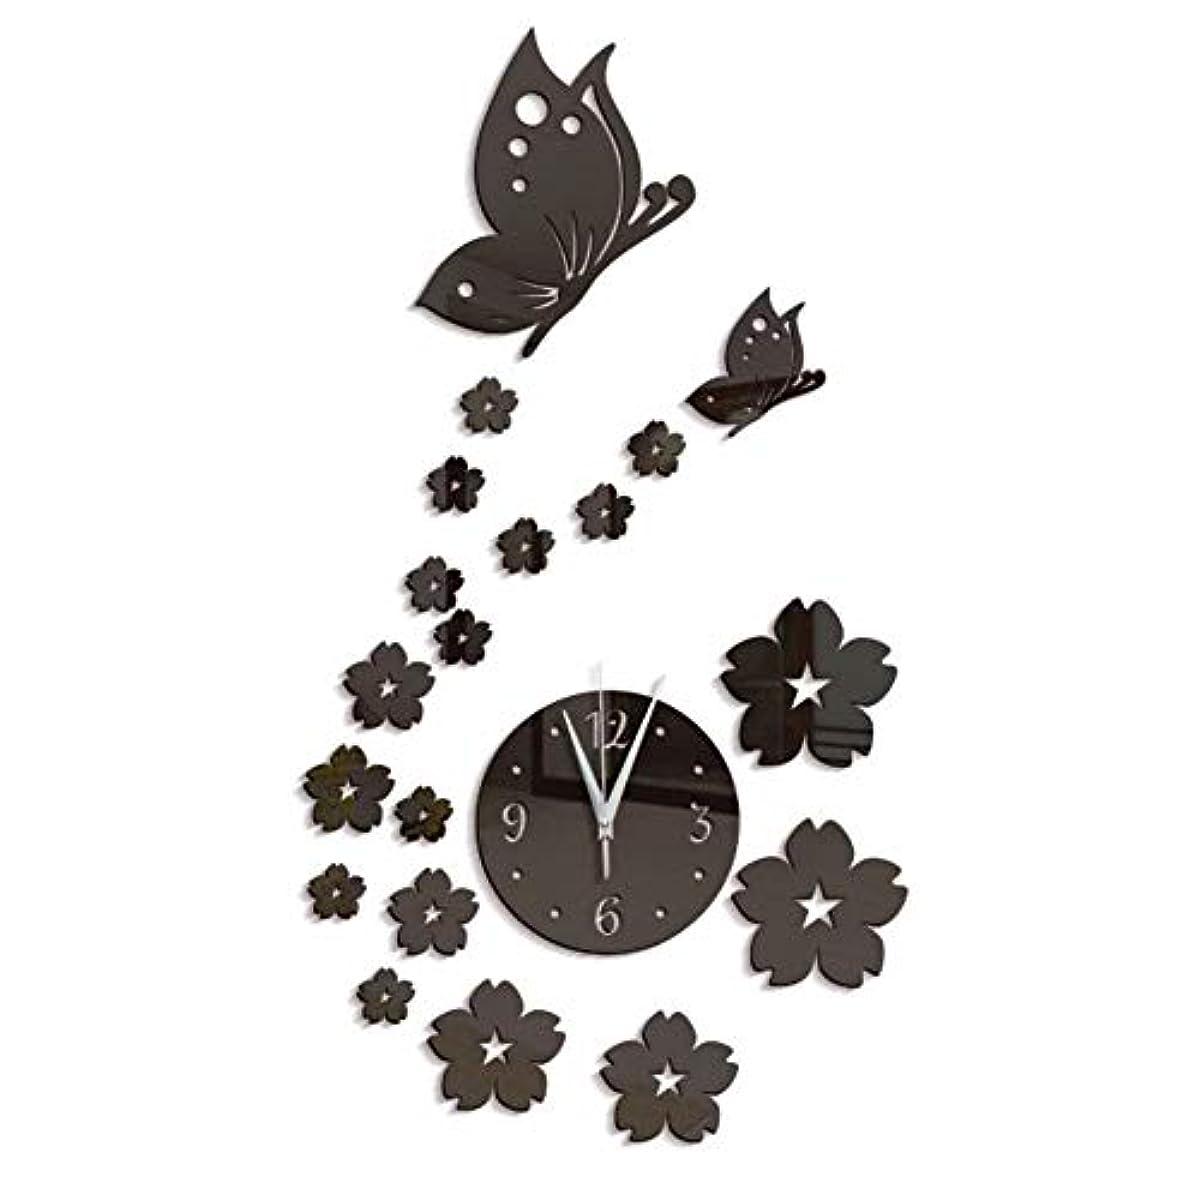 Symboat DIYミラーウォールステッカー 家の居間のための壁のステッカー3Dミラーの蝶時計の花の背景の装飾